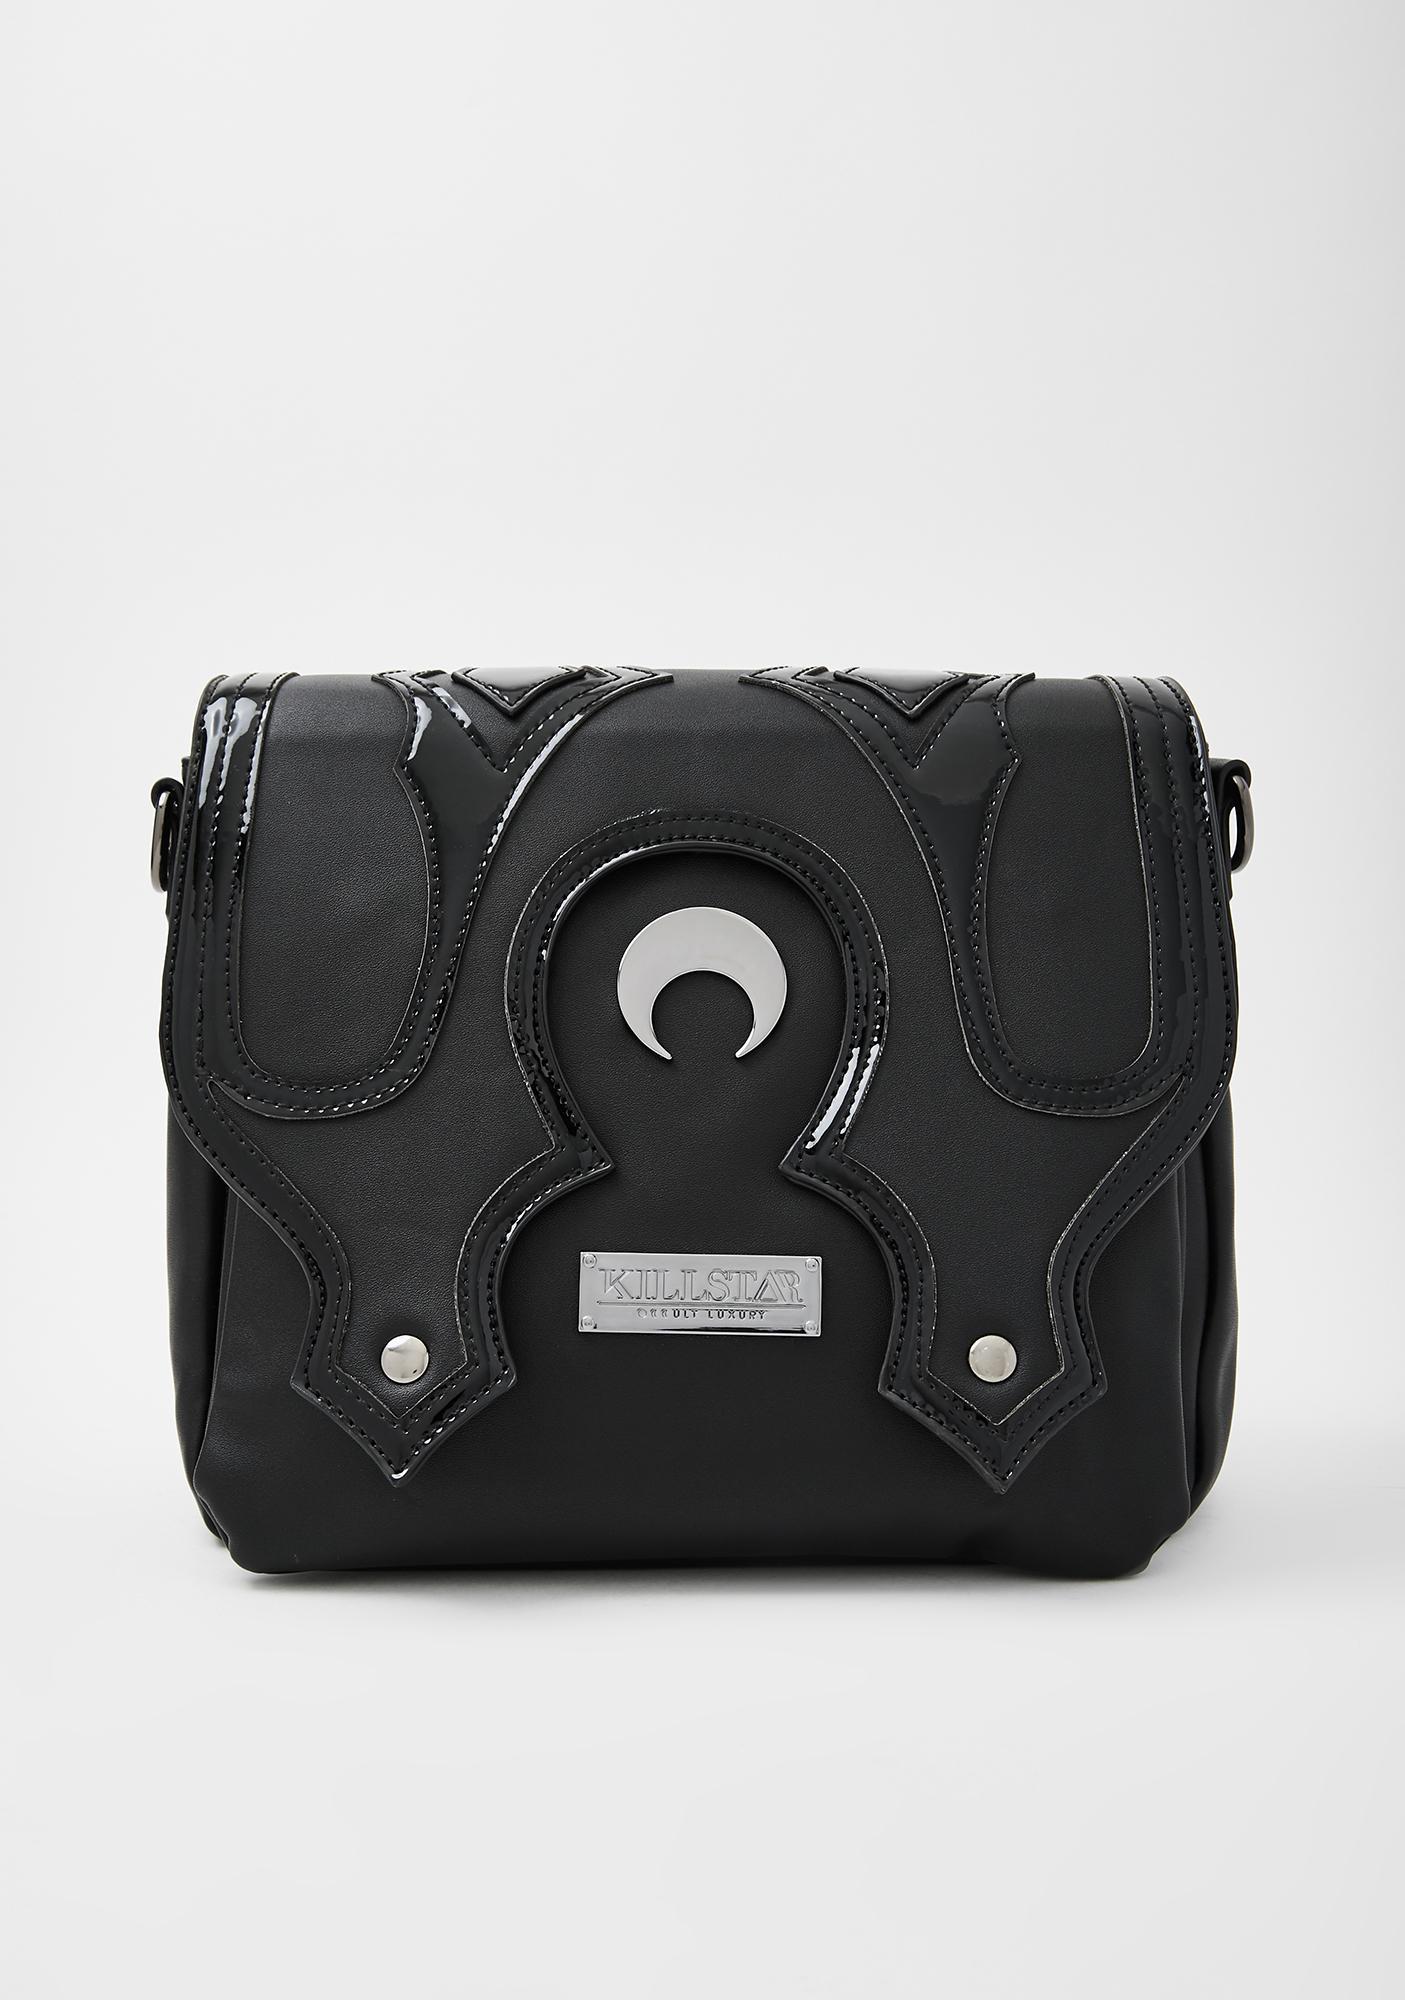 Killstar Morai Messenger Bag